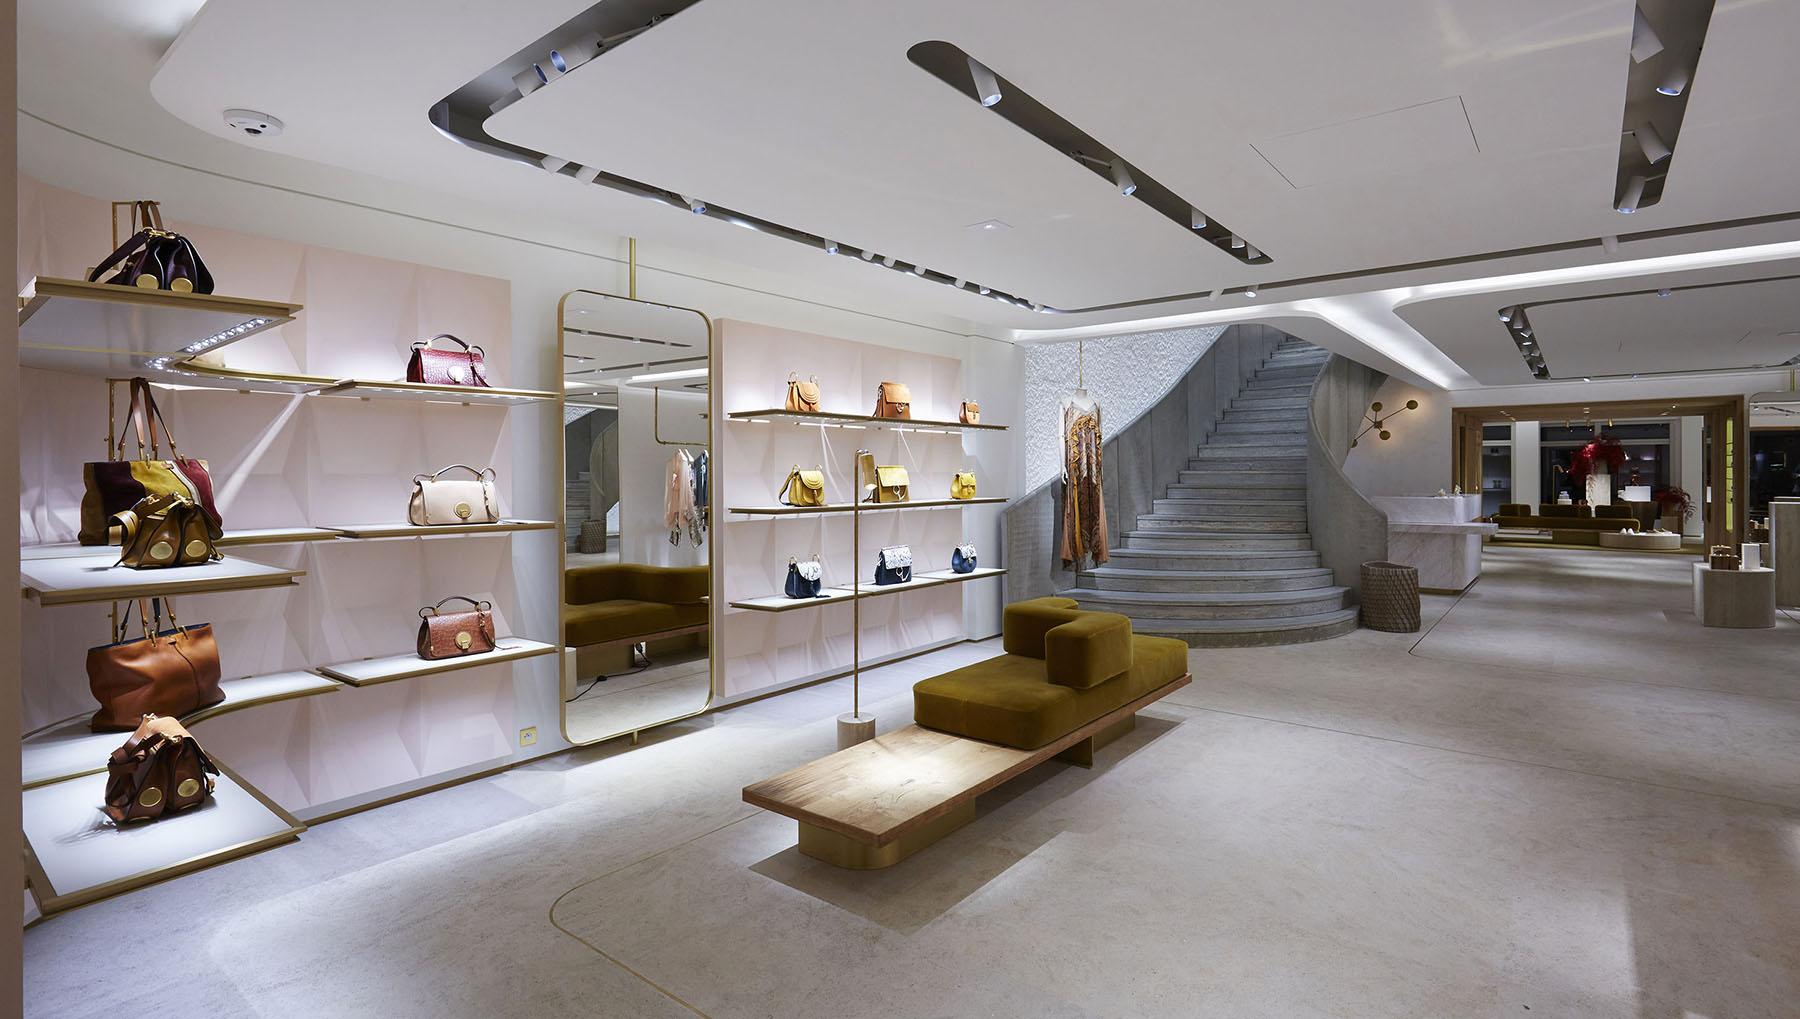 Playlists des showrooms et design sonore des boutiques luxe Chloé